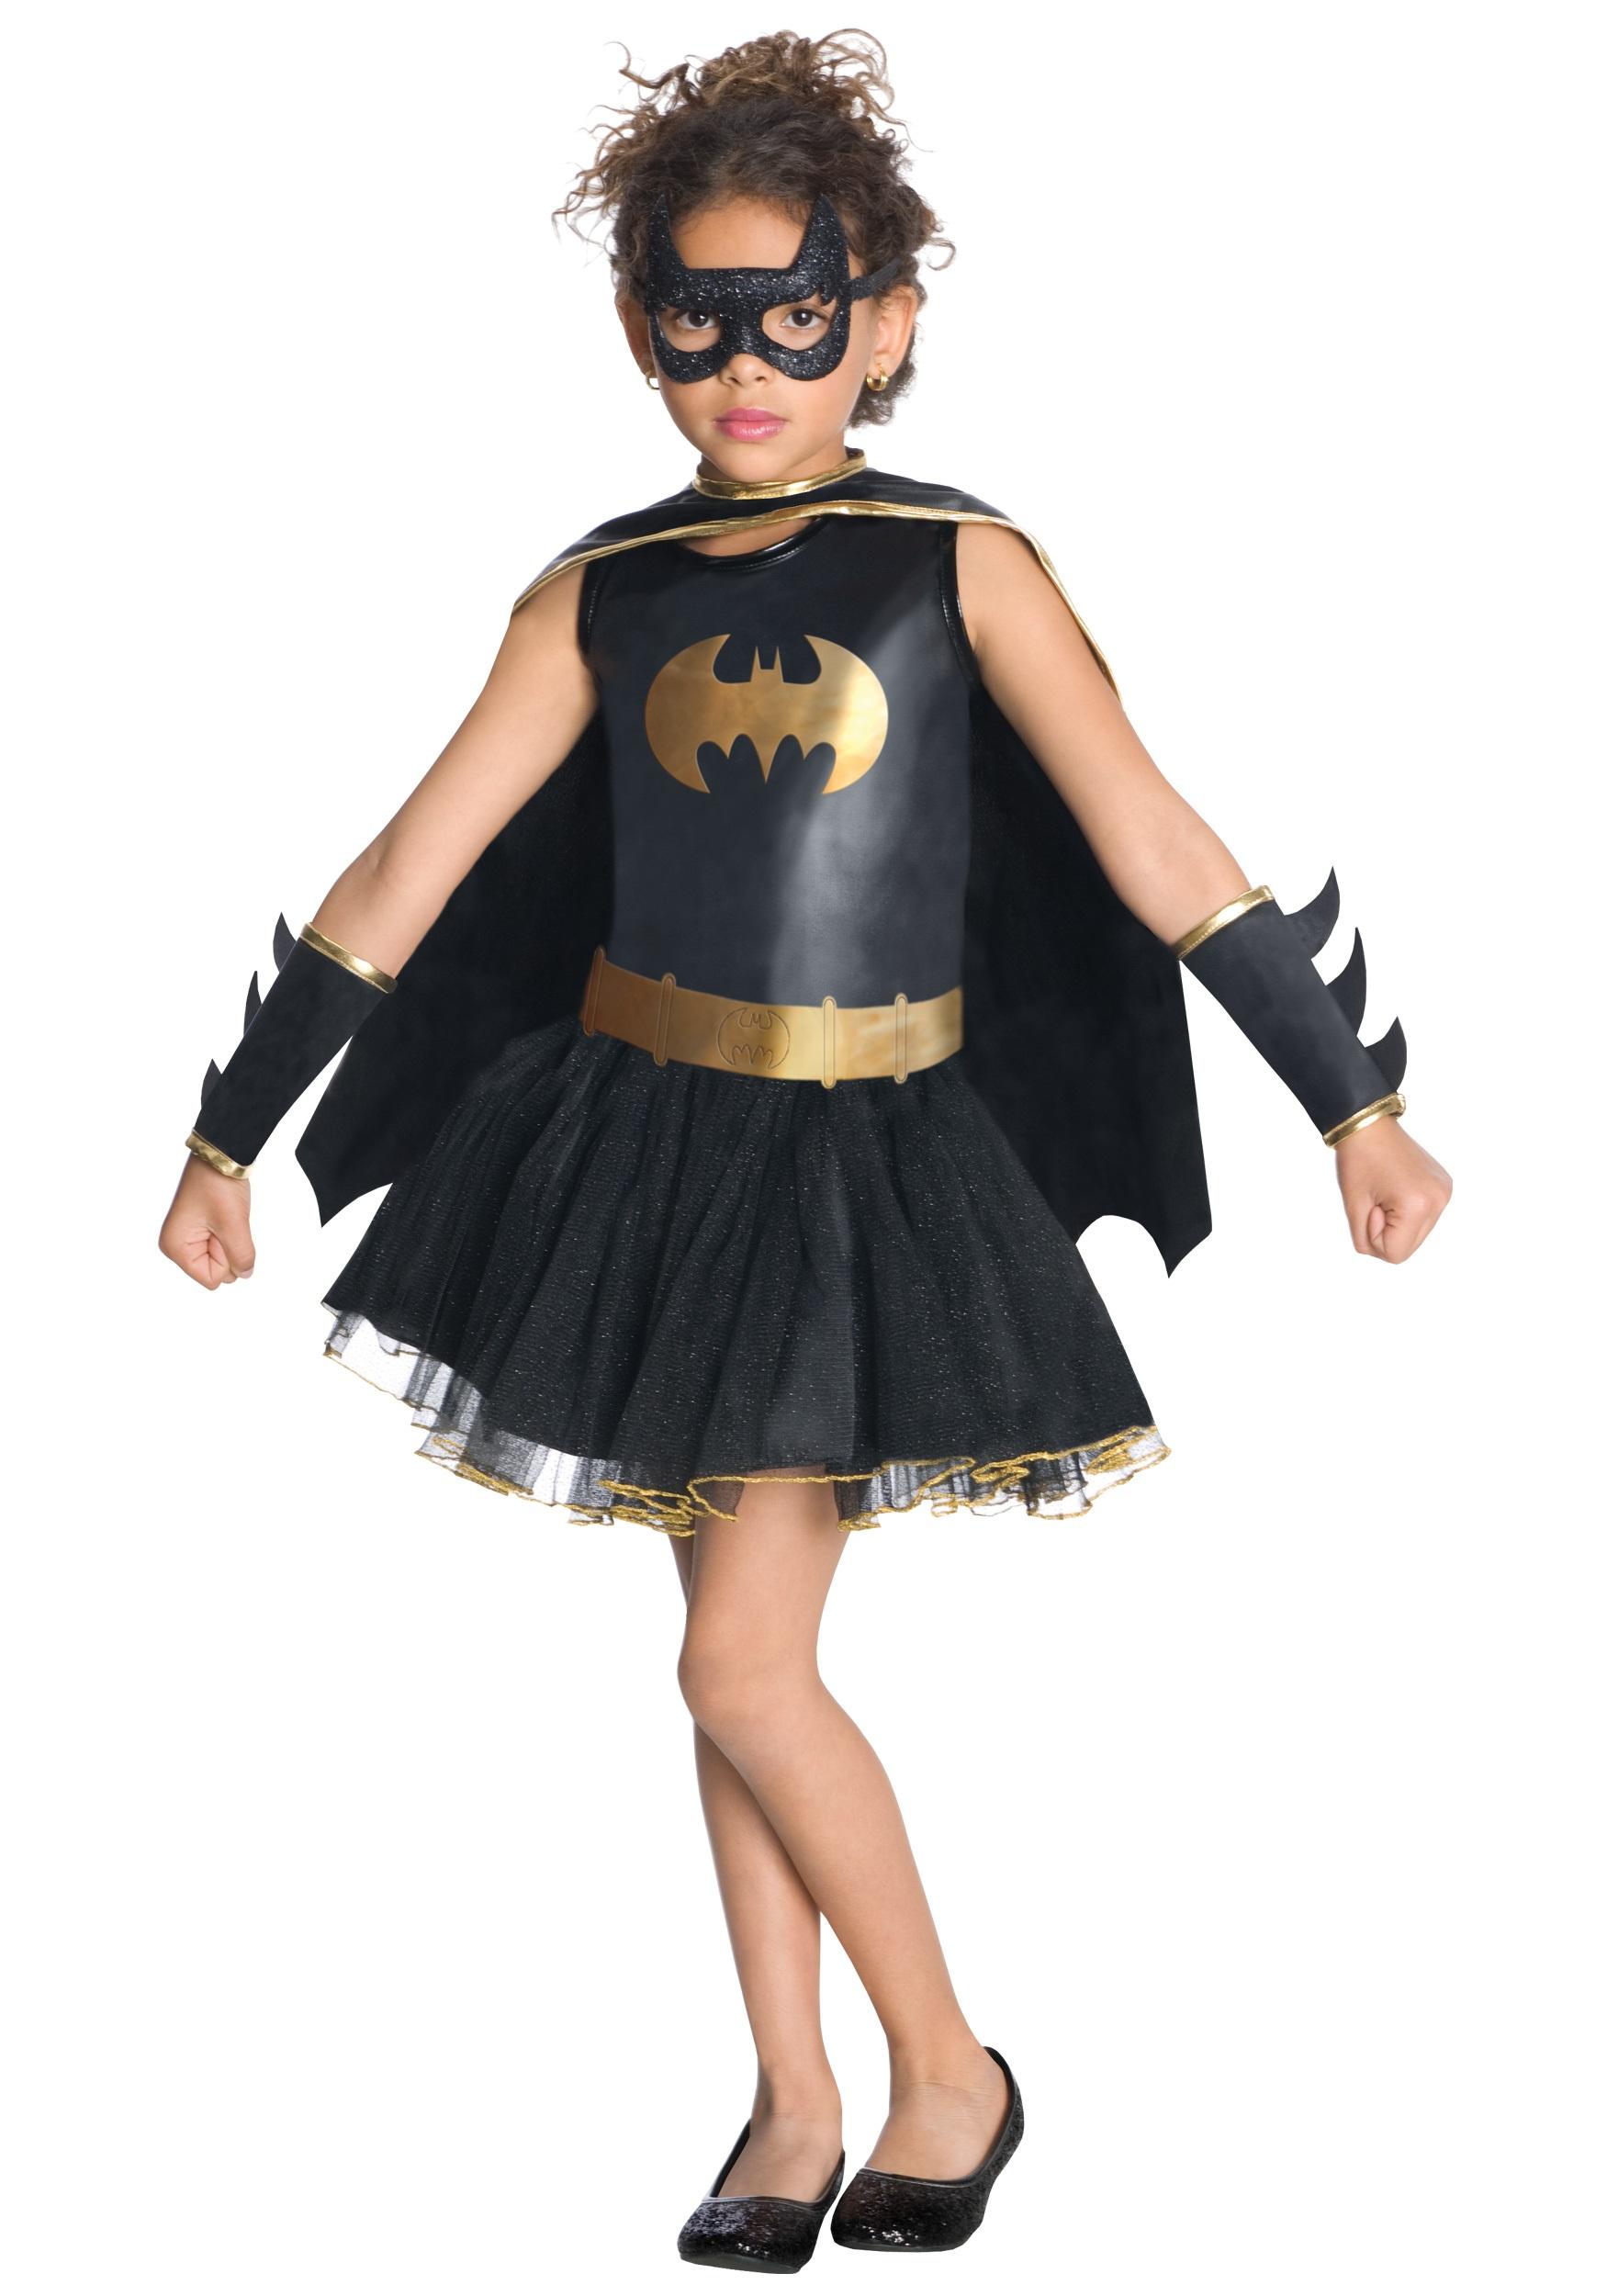 Batgirl+costume+for+kids